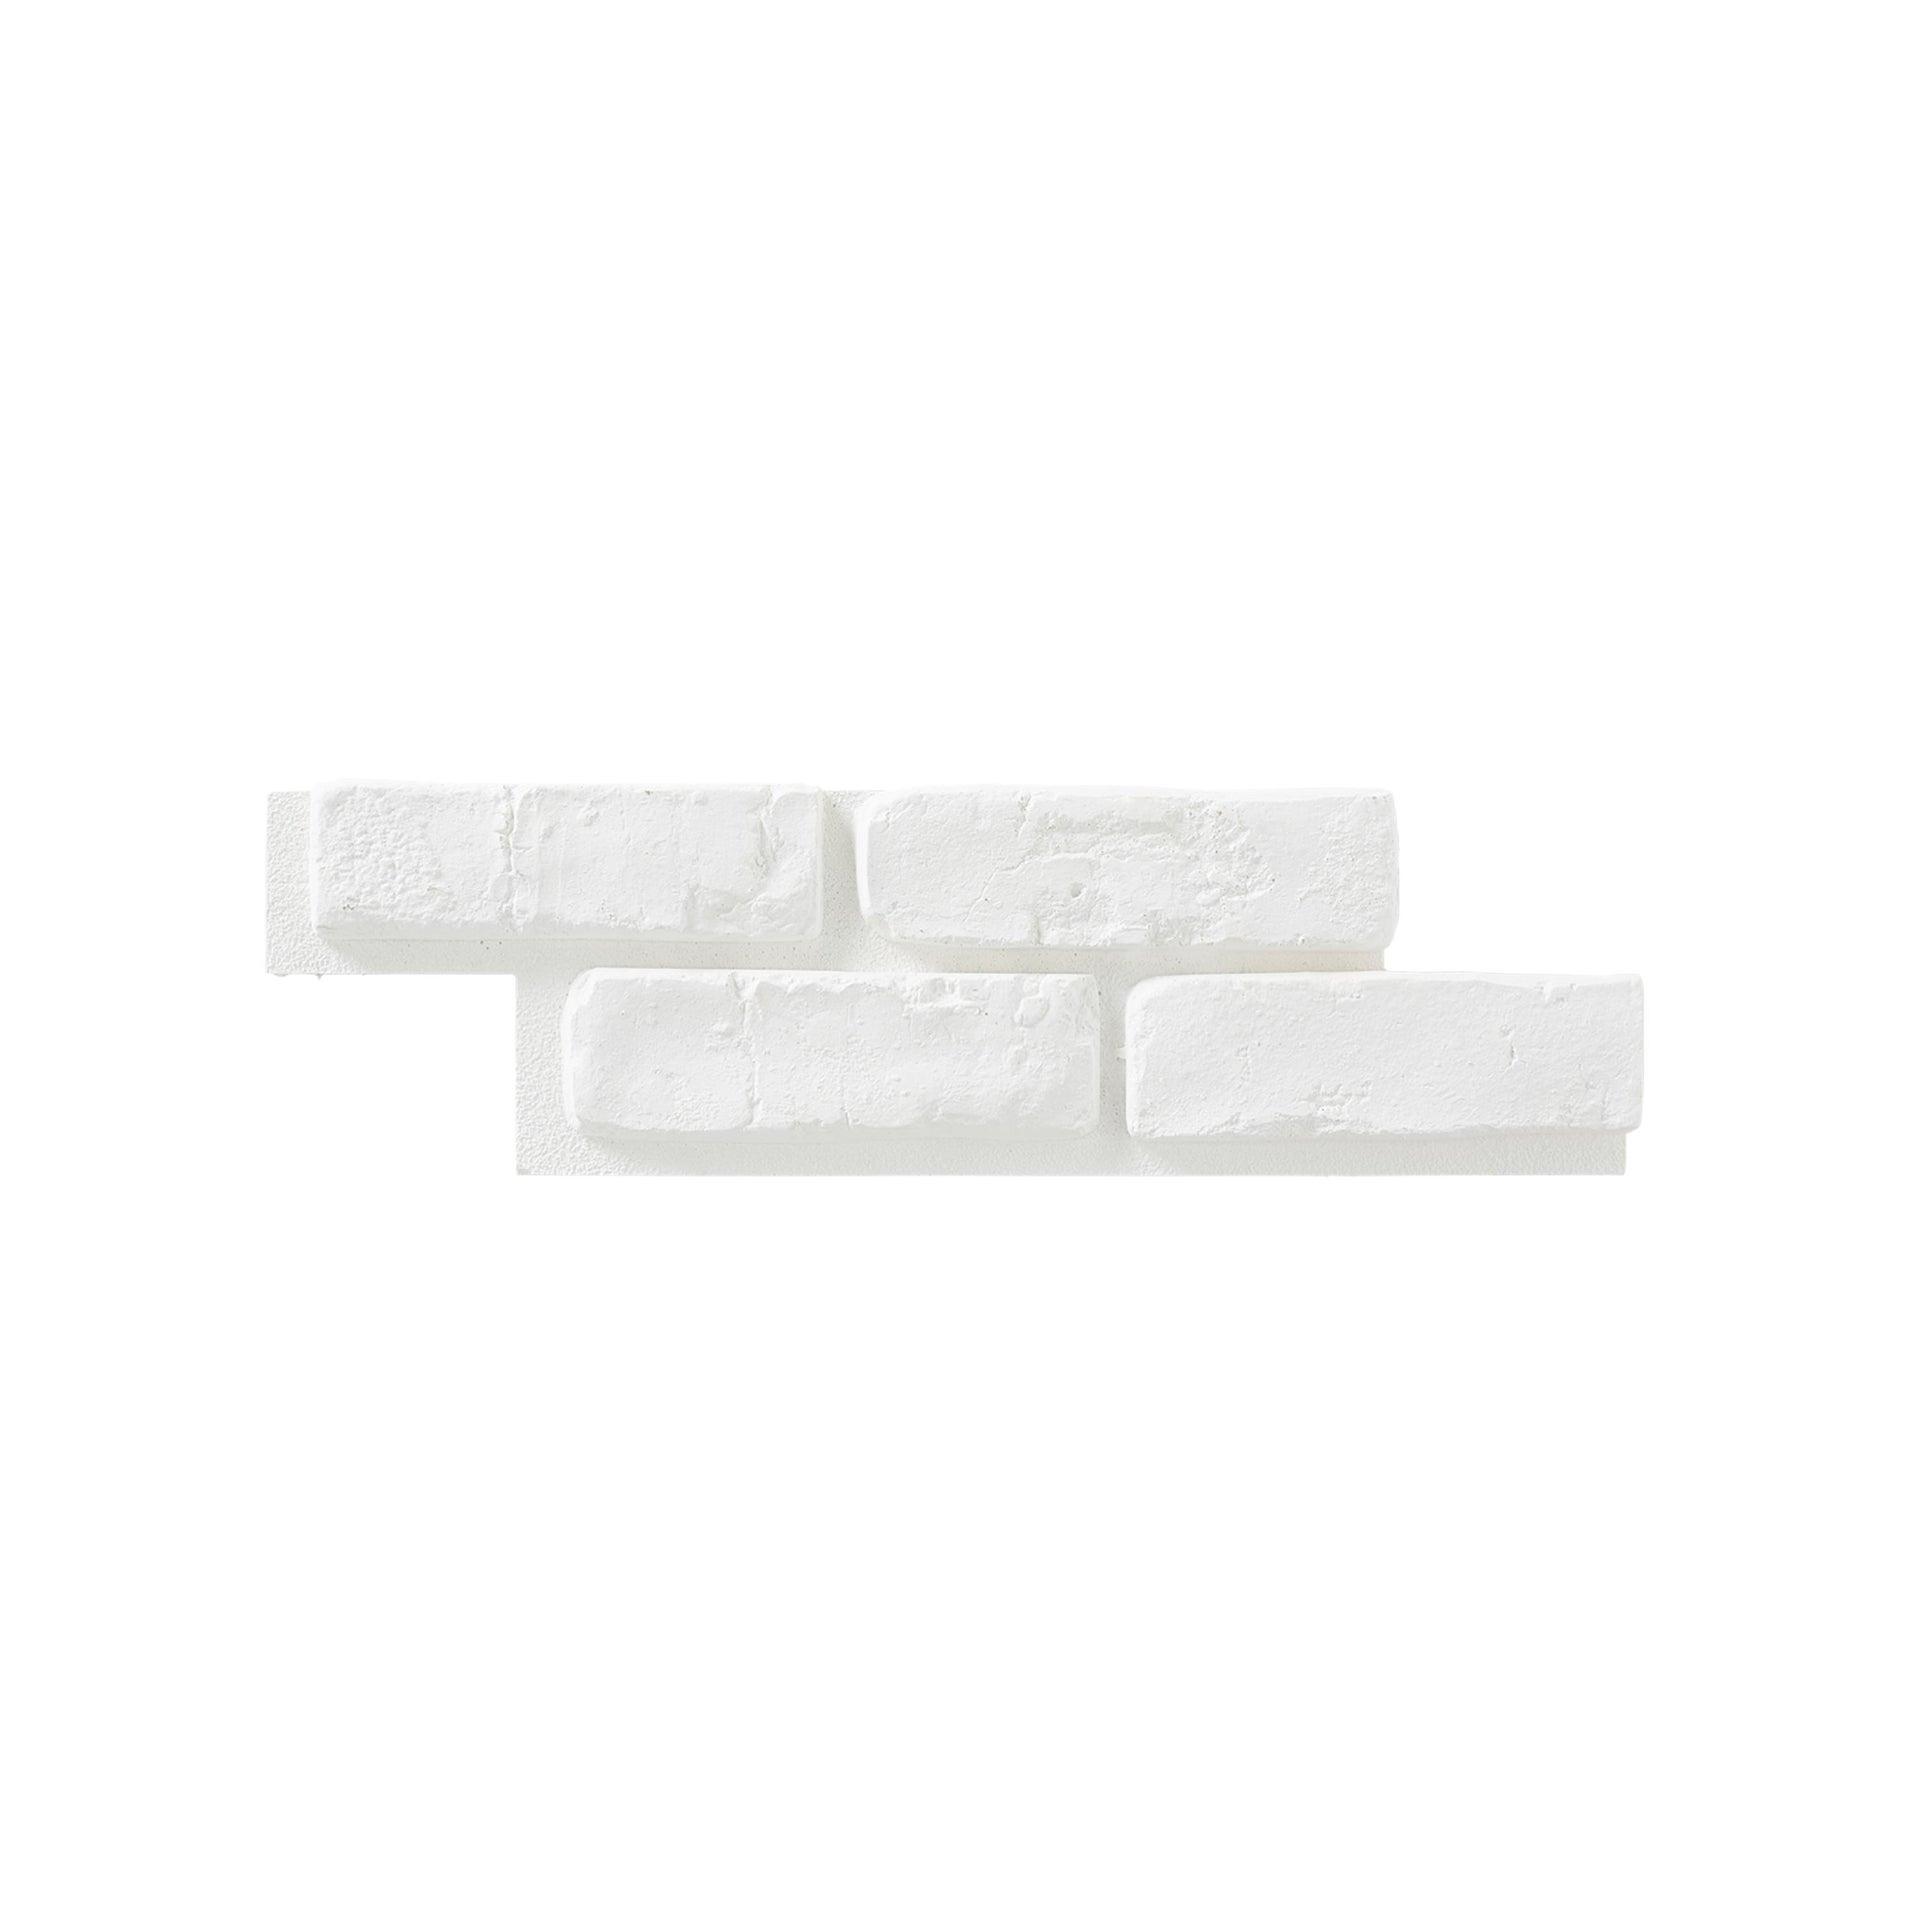 Mattone decorativo Isto bianco - 9